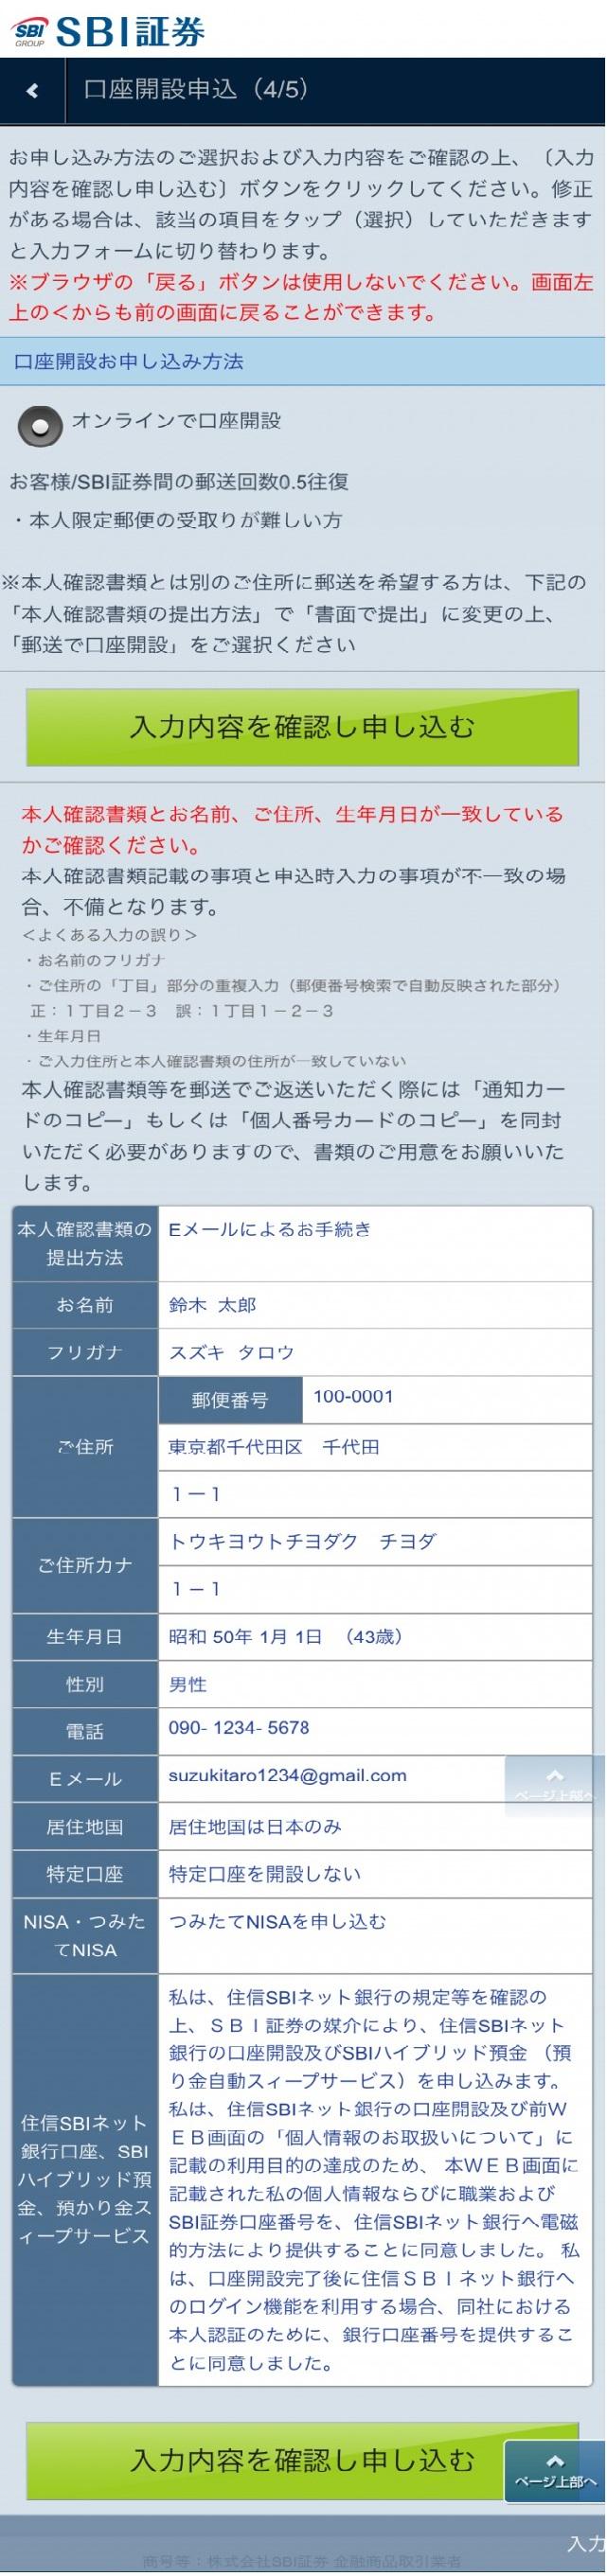 確認画面:スマホからのSBI証券の口座開設申込